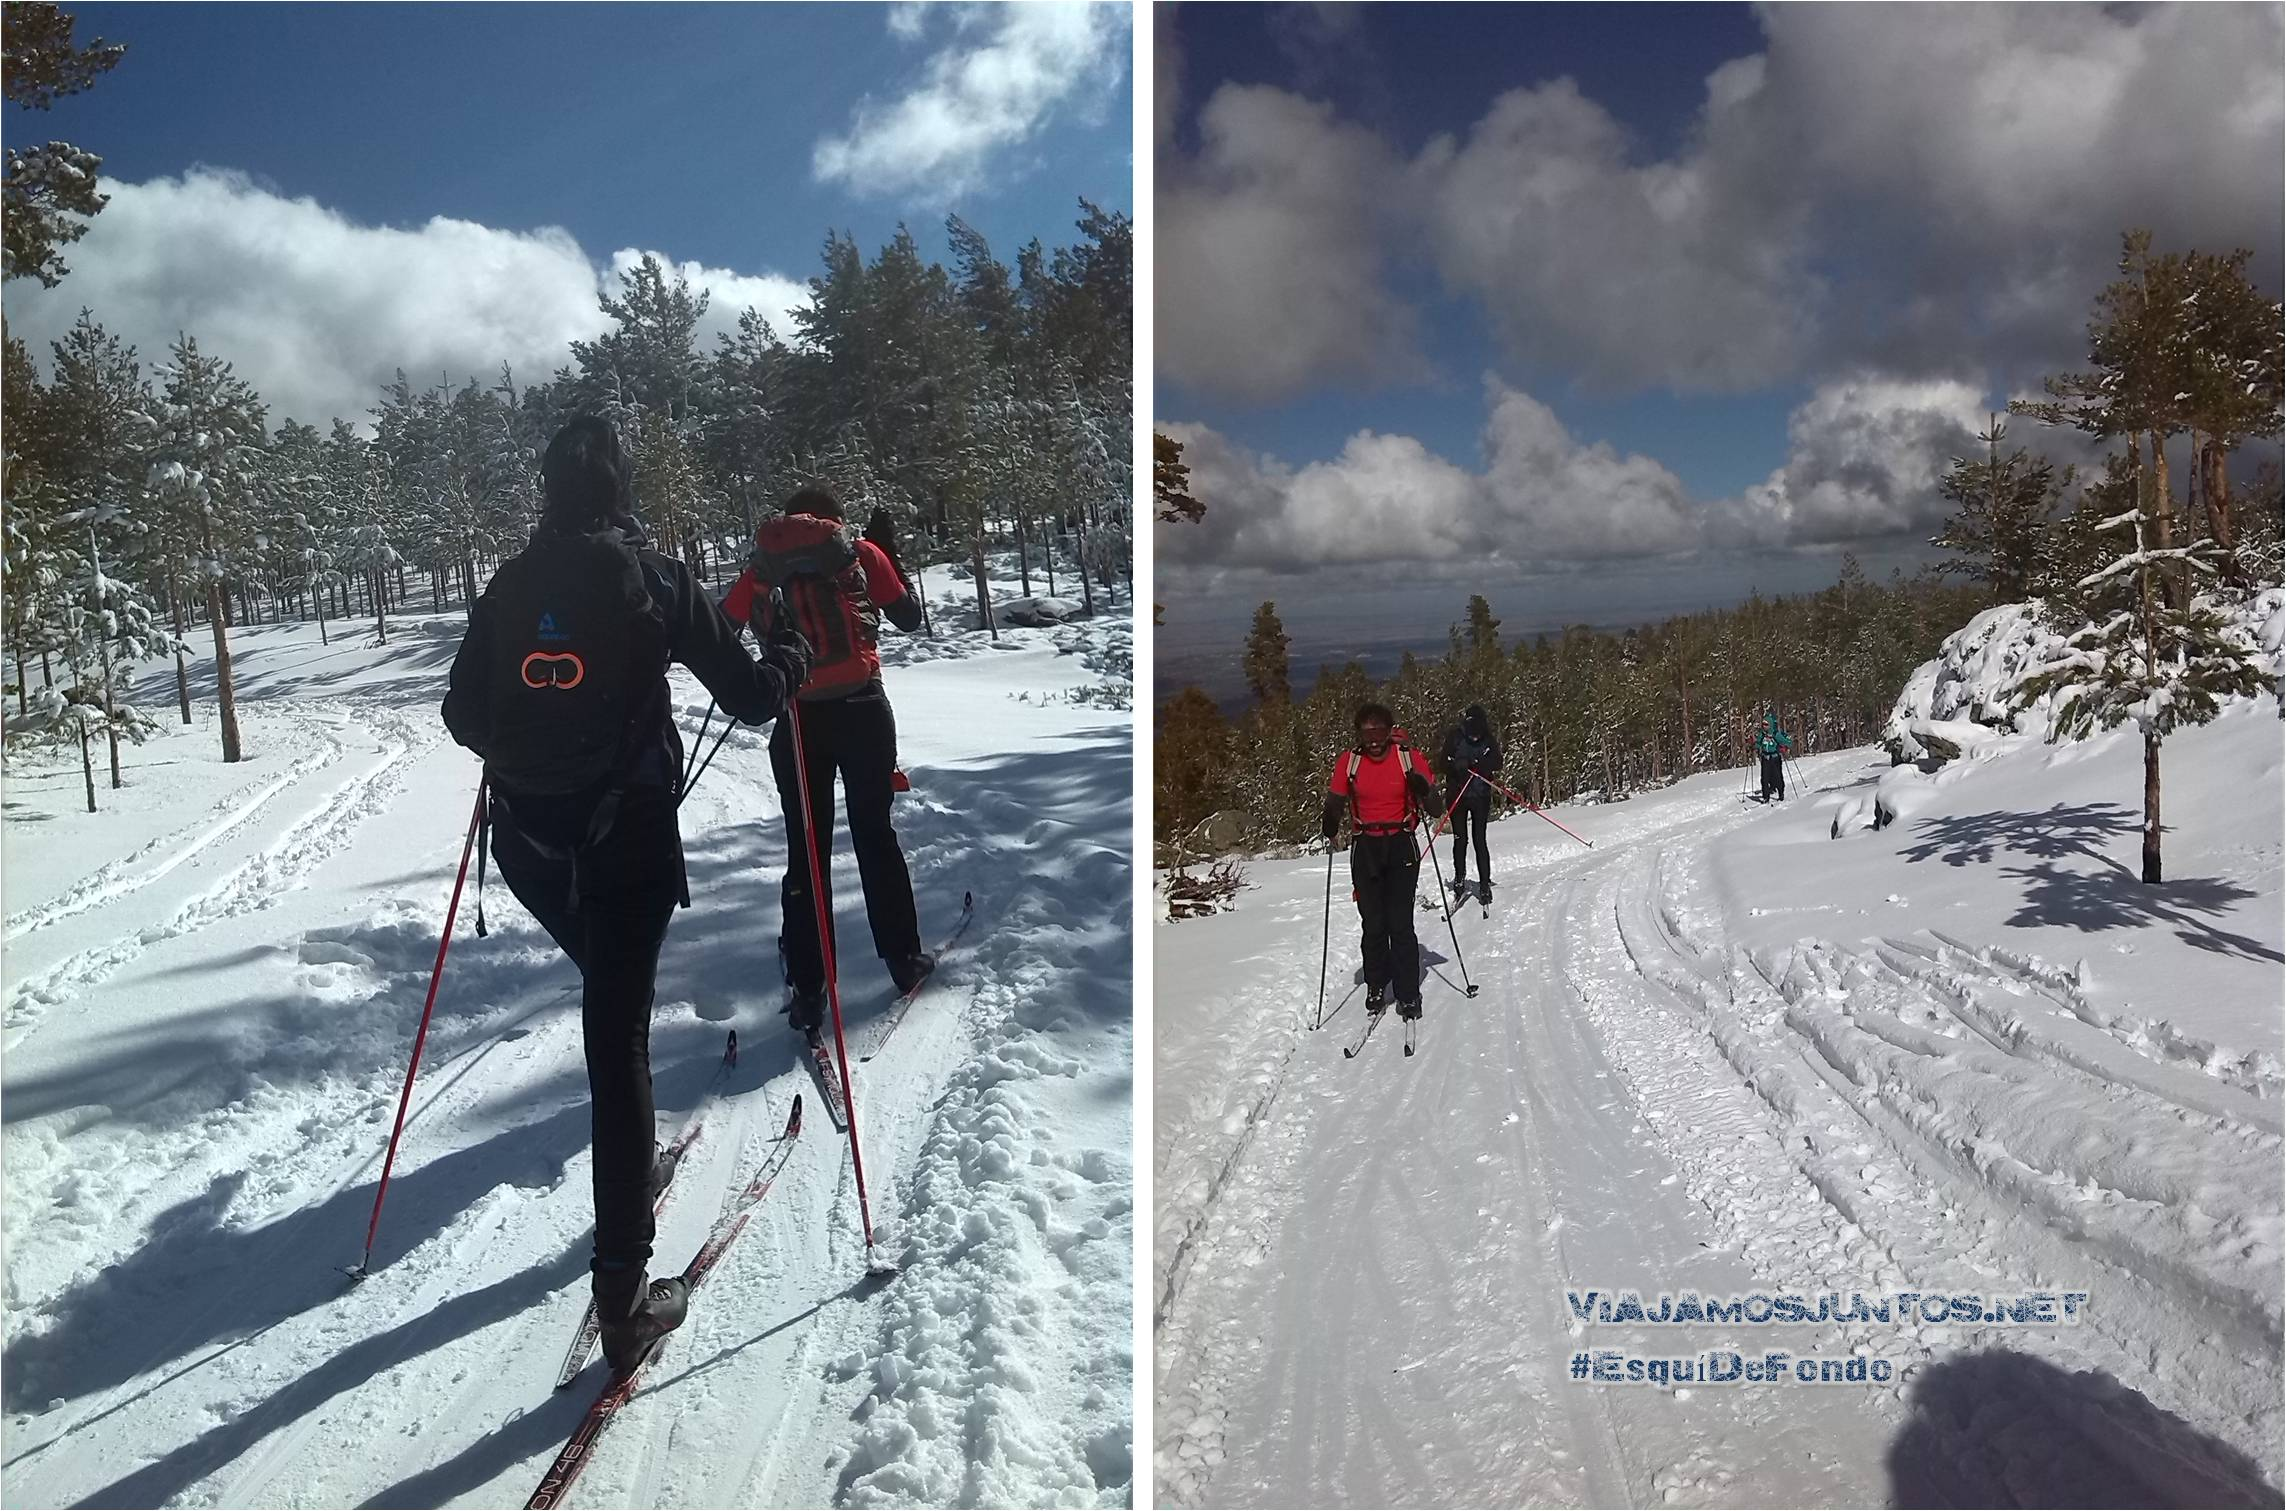 esqui, esqui de fondo, cotos, navafria, navacerrada, lozoya, esquiar, consejos, donde, madrid